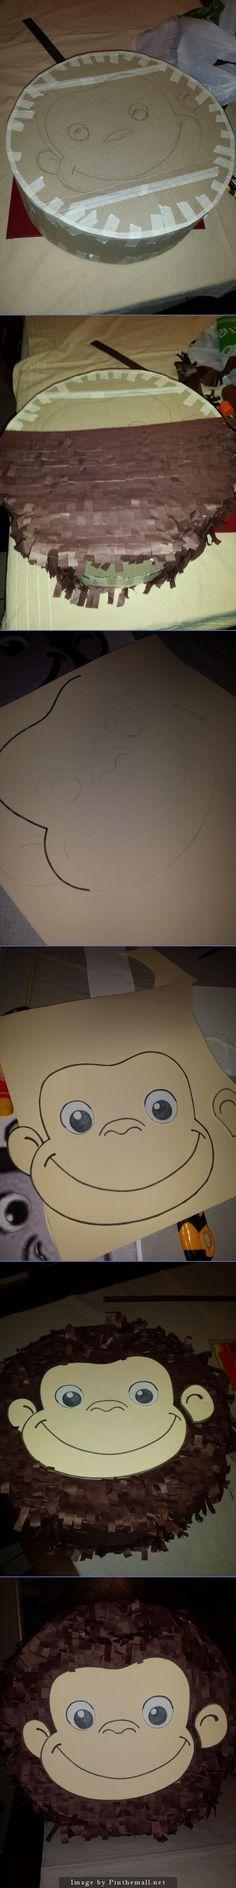 Cómo crear una piñata de Jorge el Curioso con cartón, papel crepé y goma eva. =) How to create a Curious George Piñata step by step - created via http://pinthemall.net